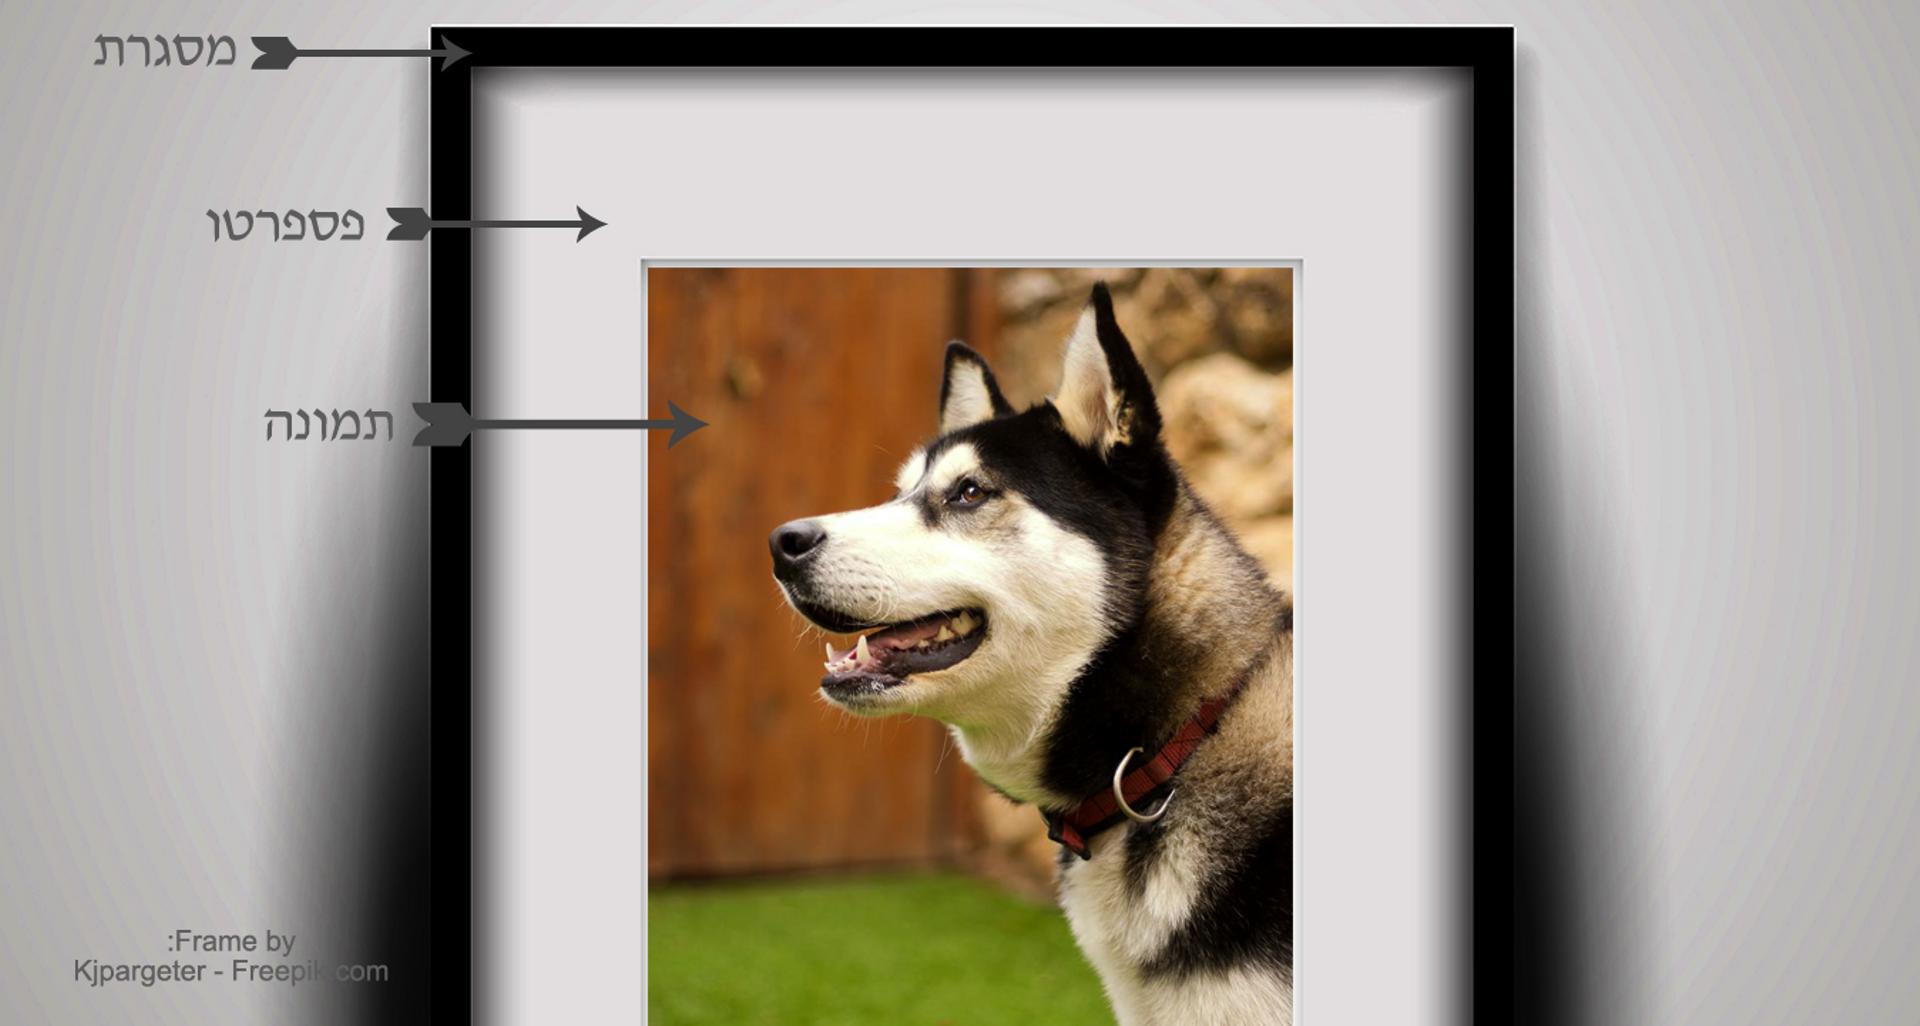 =מסגרת תמונה איכותית דגם FR9235, כולל הדפסת תמונה.